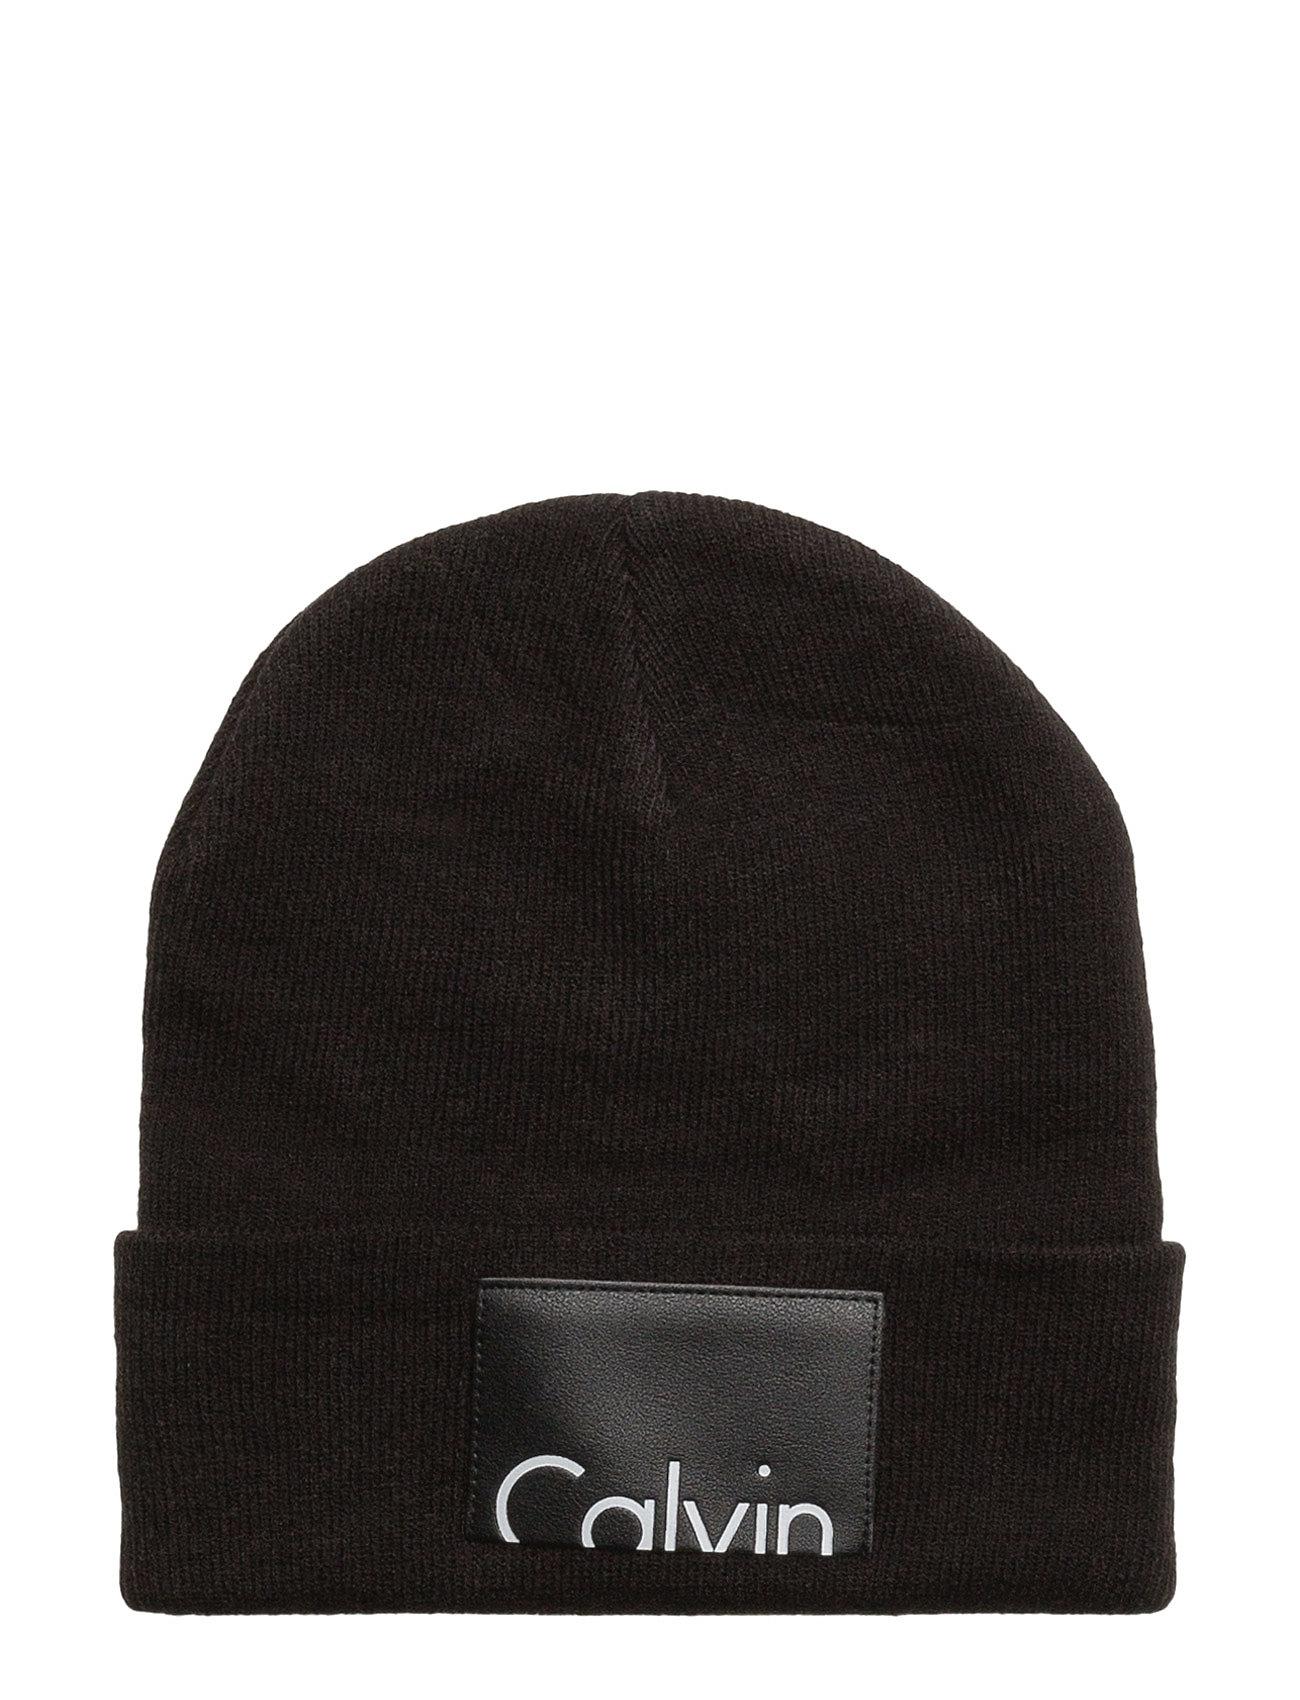 Calvin Beanie, 001, Calvin Klein Hatte & Caps til Herrer i Sort